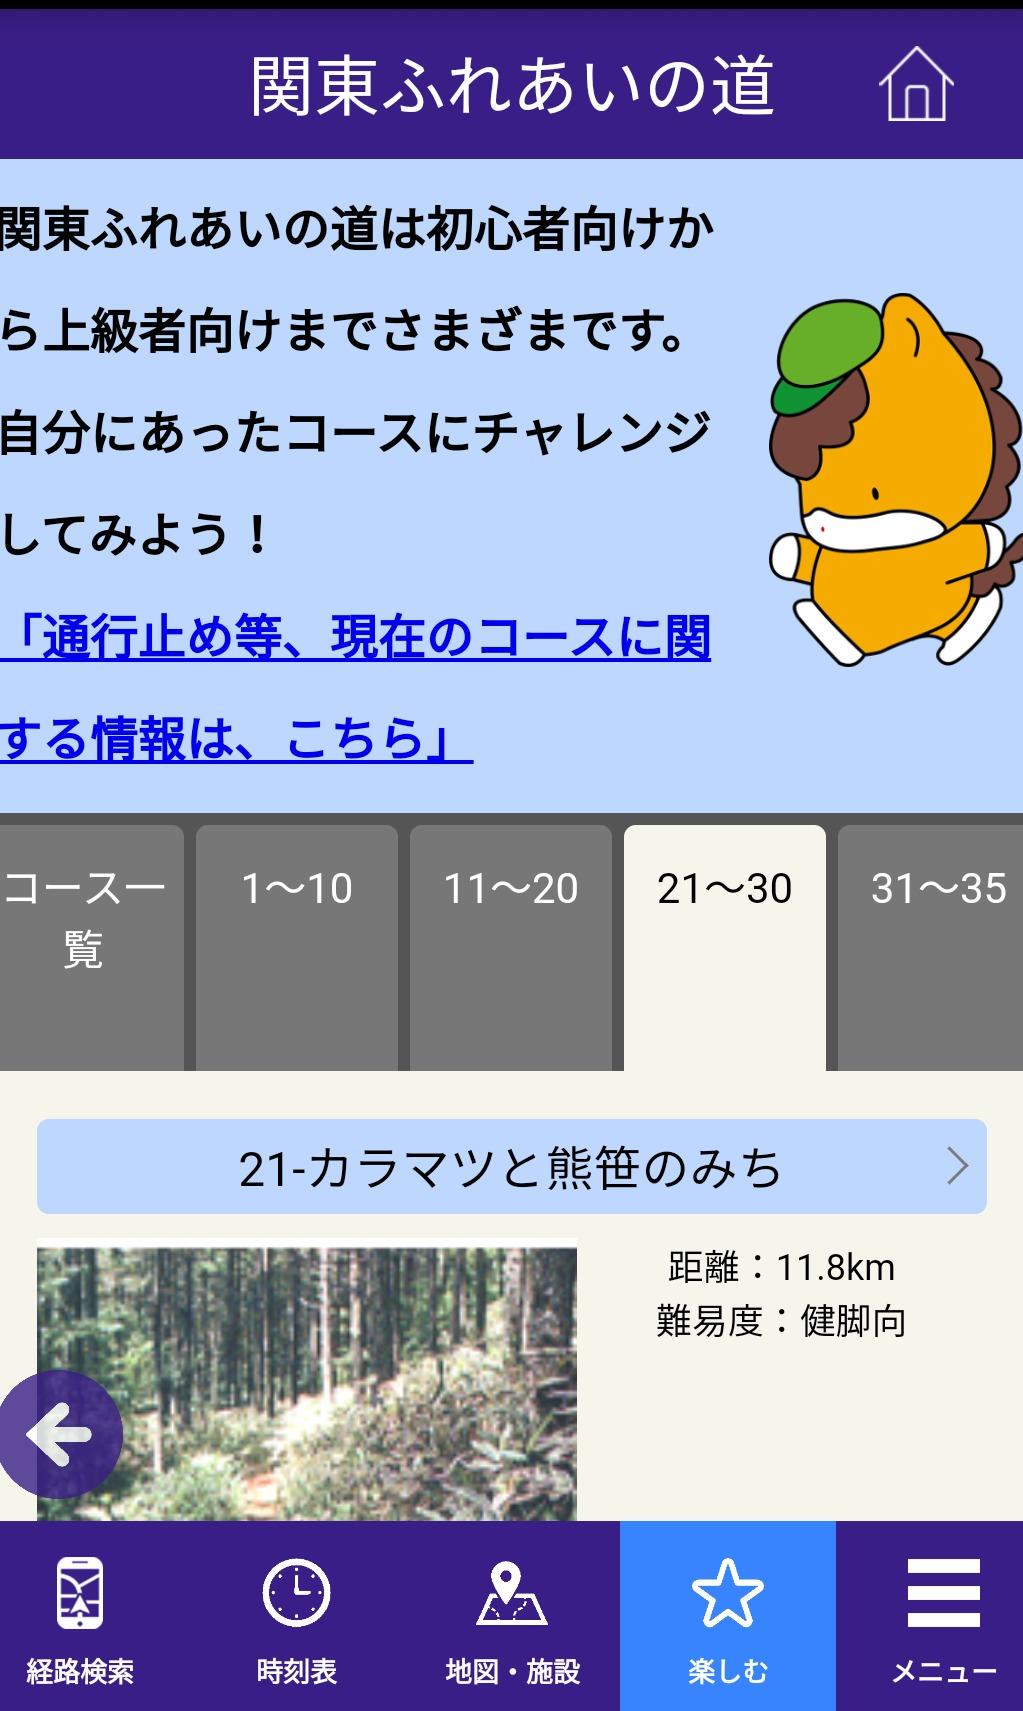 ぐんま元気アプリ 関東ふれあいの道 コース一覧